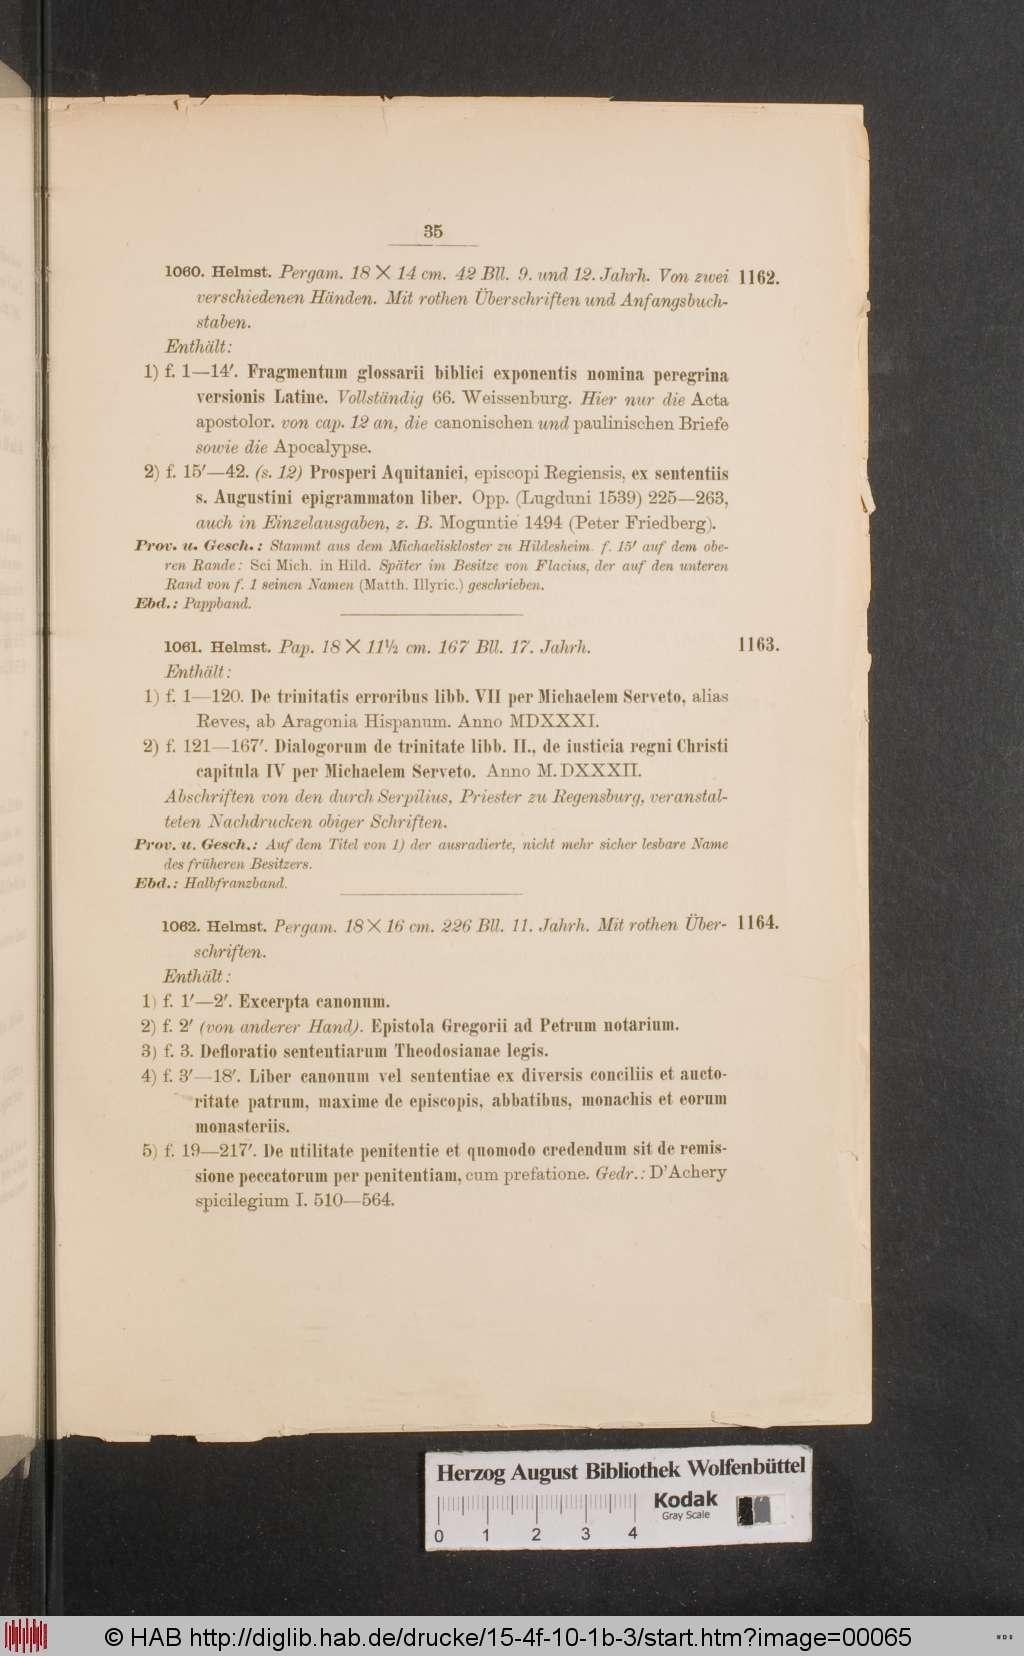 http://diglib.hab.de/drucke/15-4f-10-1b-3/00065.jpg